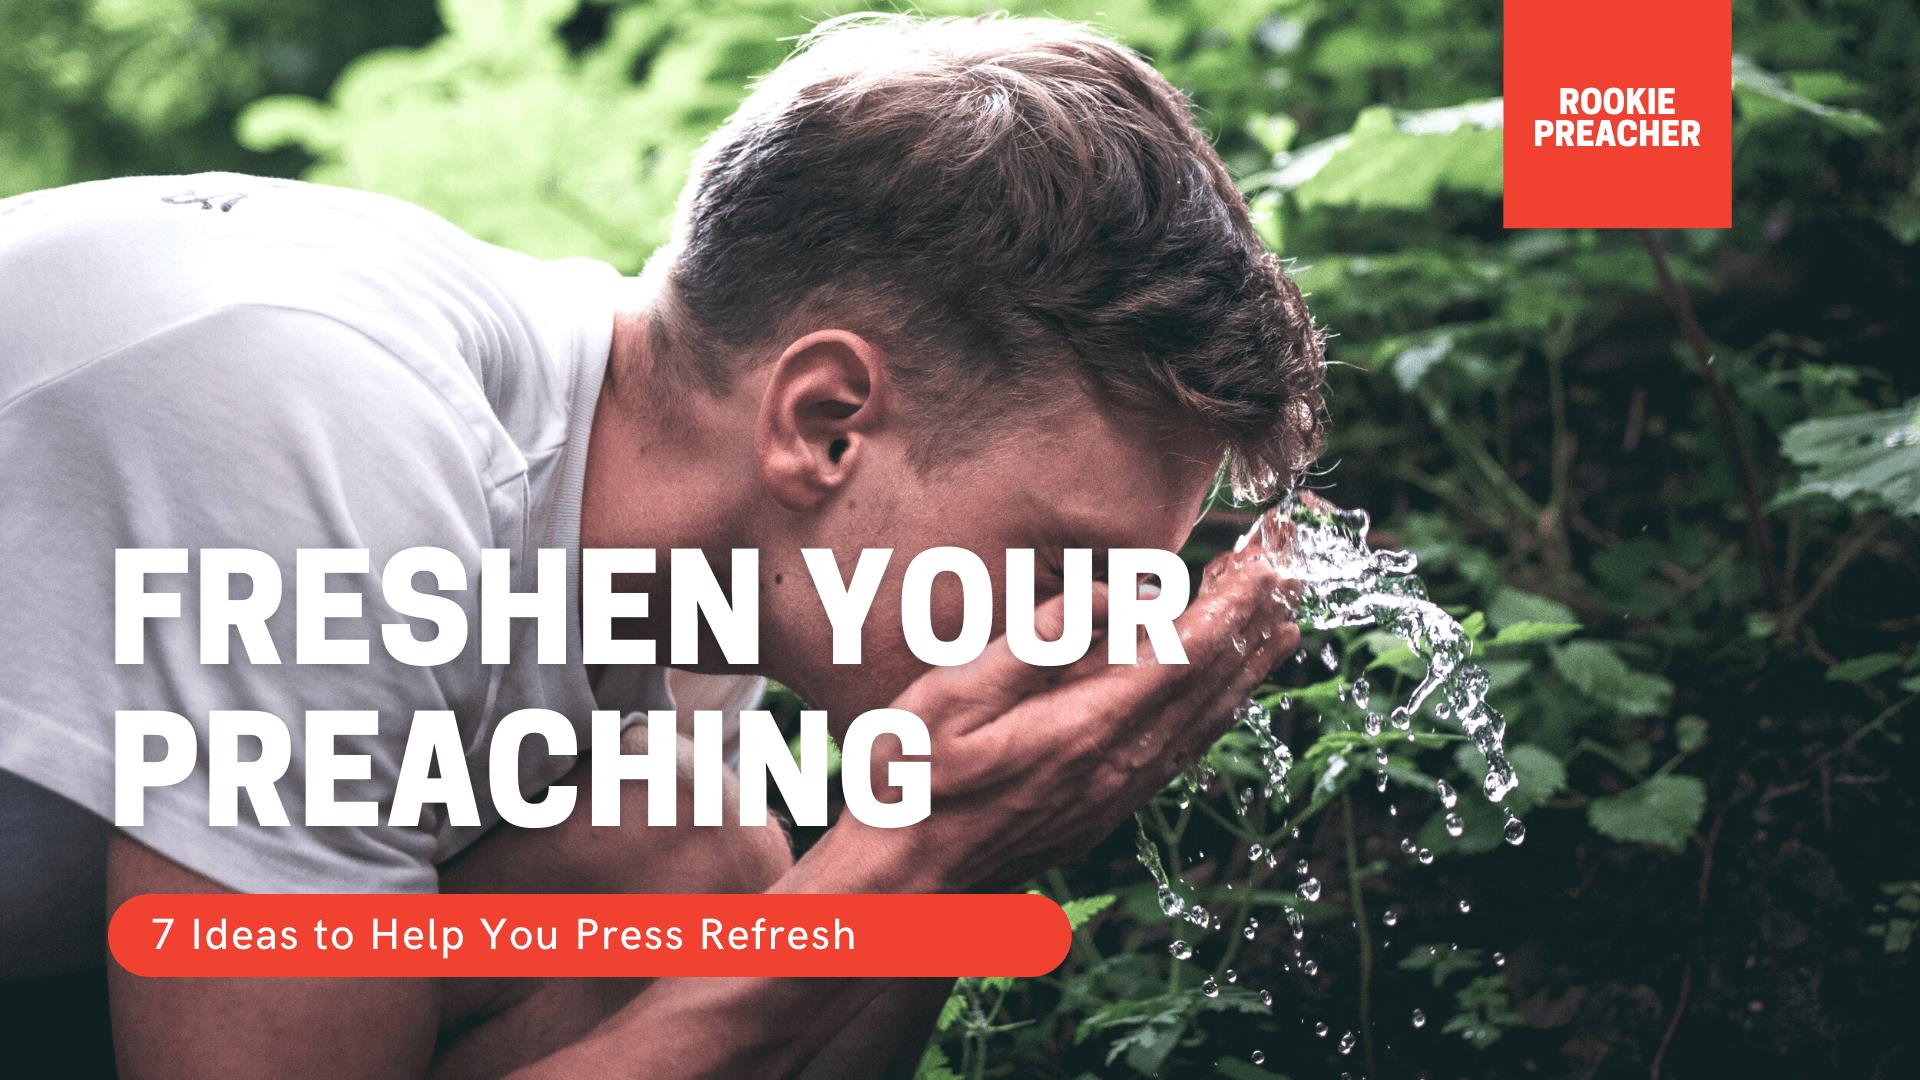 7 Ideas to Freshen Your Preaching